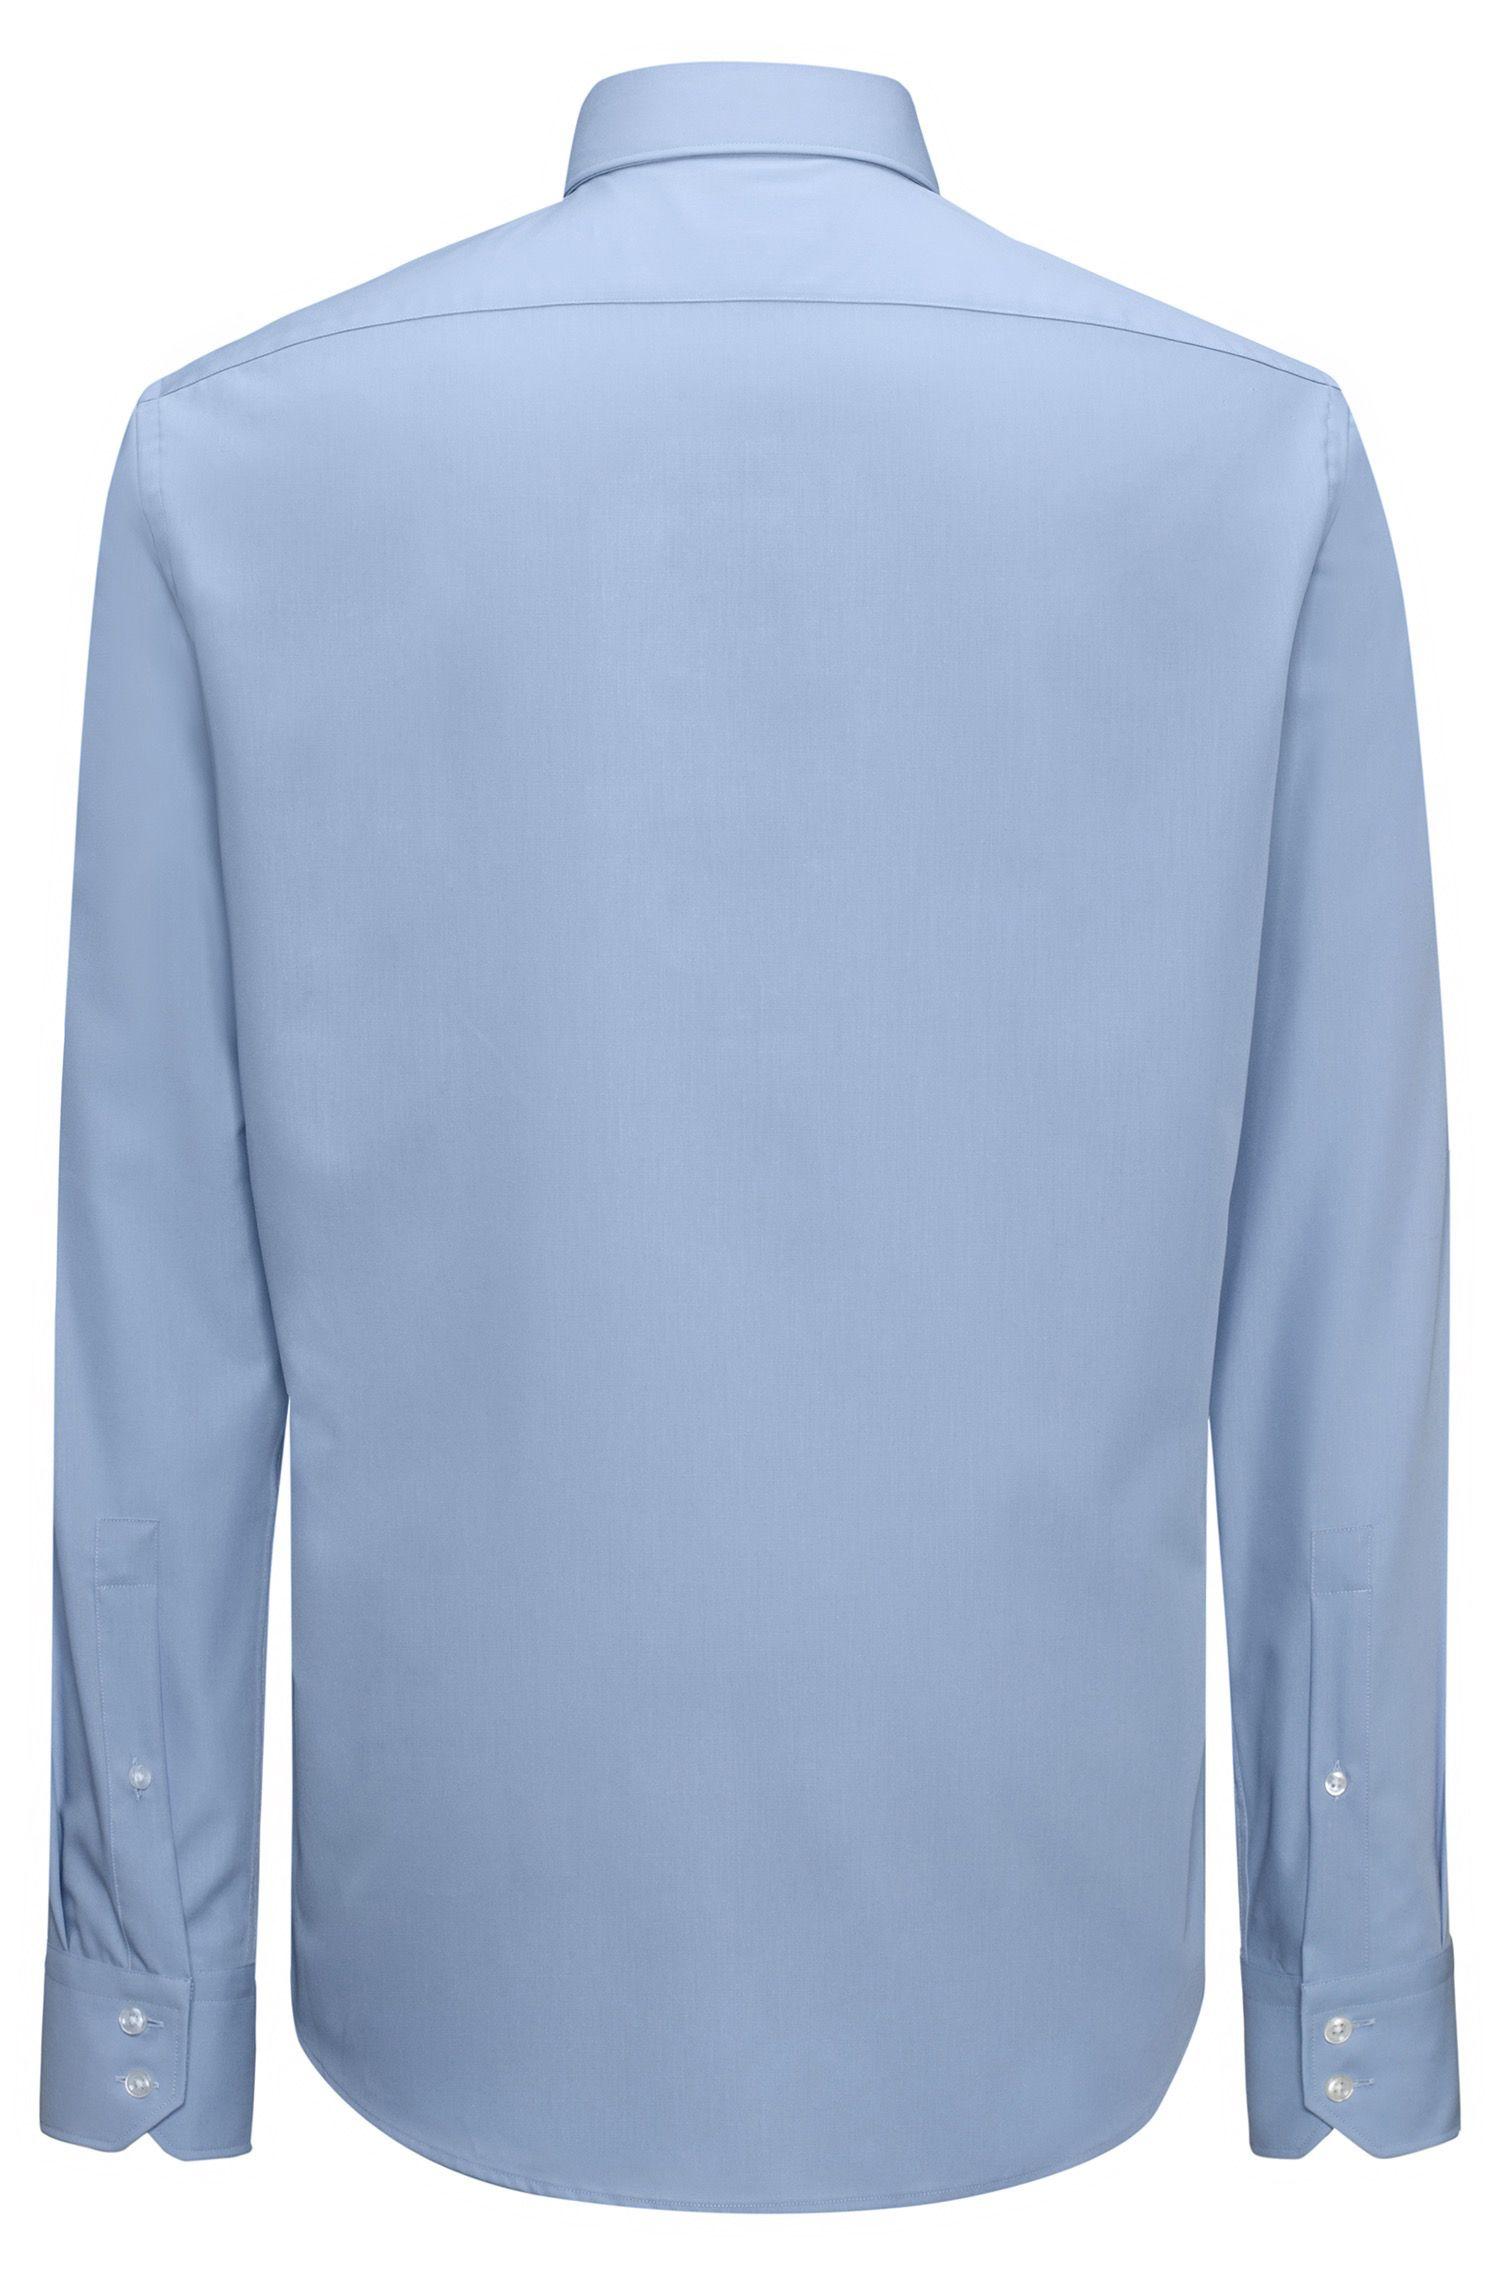 Bügelleichtes Regular-Fit Hemd aus Baumwolle mit Cutaway-Kragen